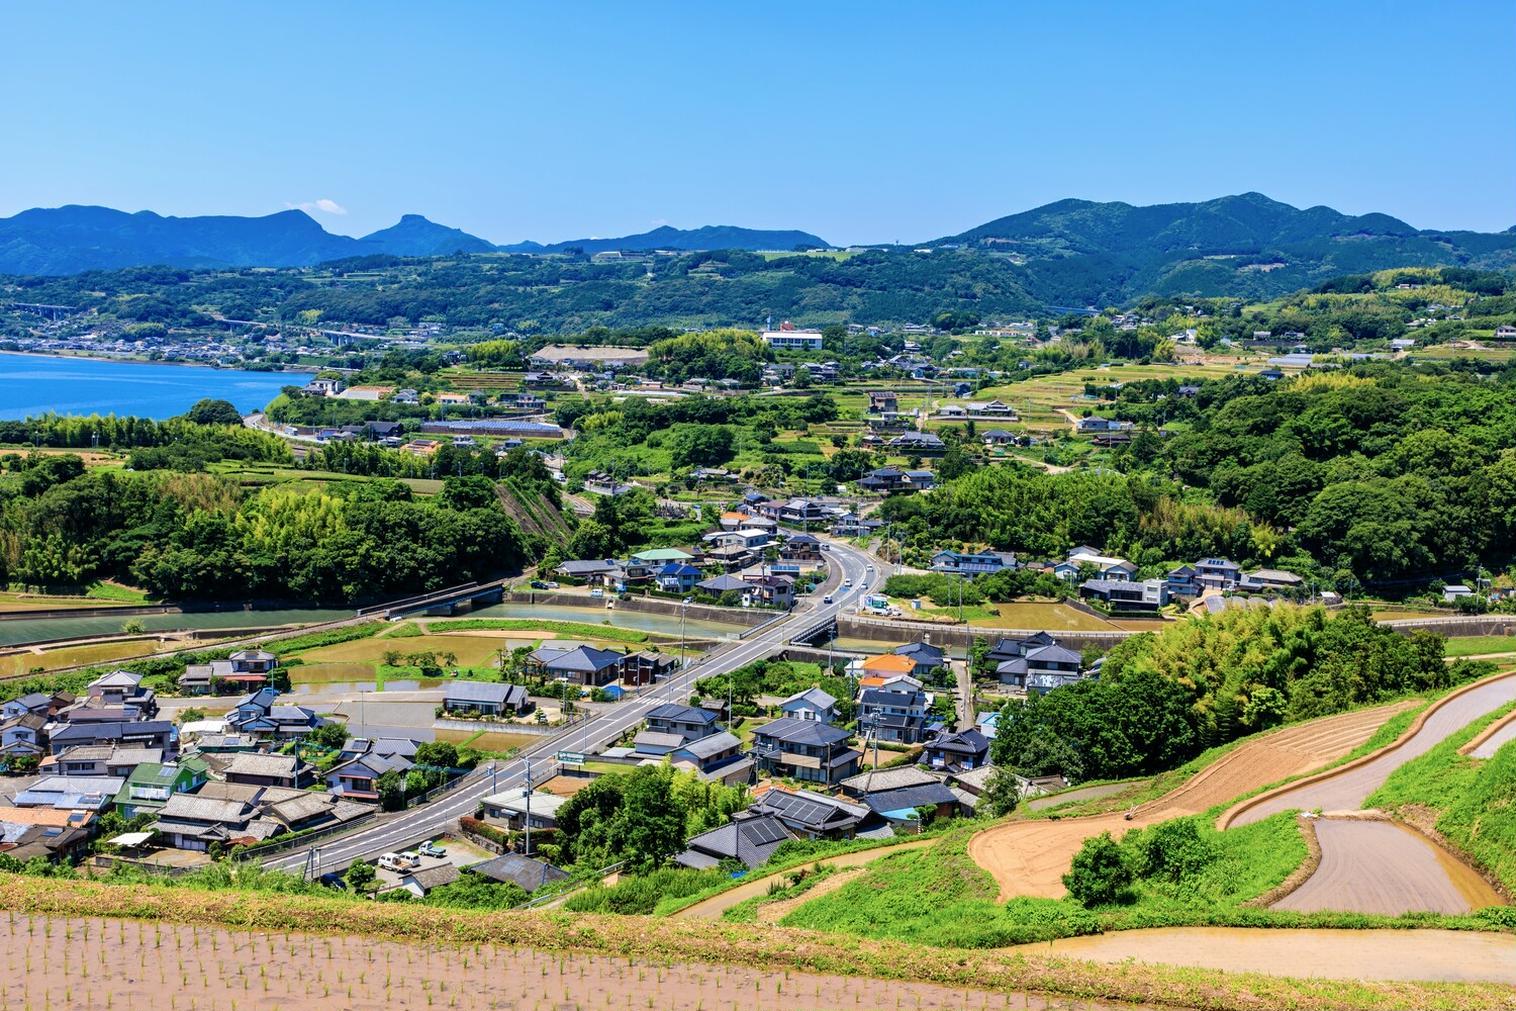 江ノ串の棚田(水張風景)_pixta_67265806_XL.jpg